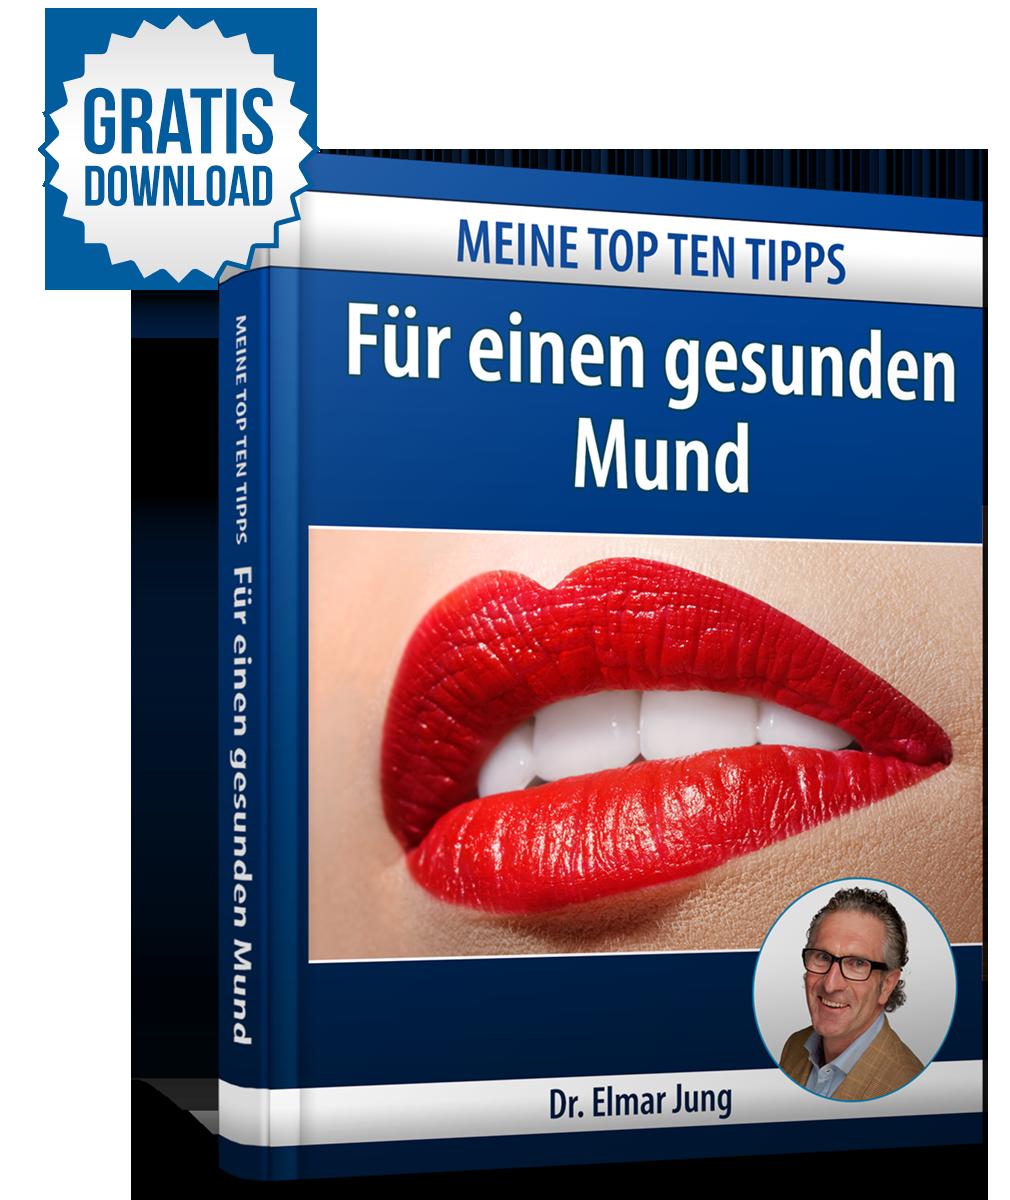 top_ten_tipps_gegen_zahnschmerzen_dr_elmar_jung.png